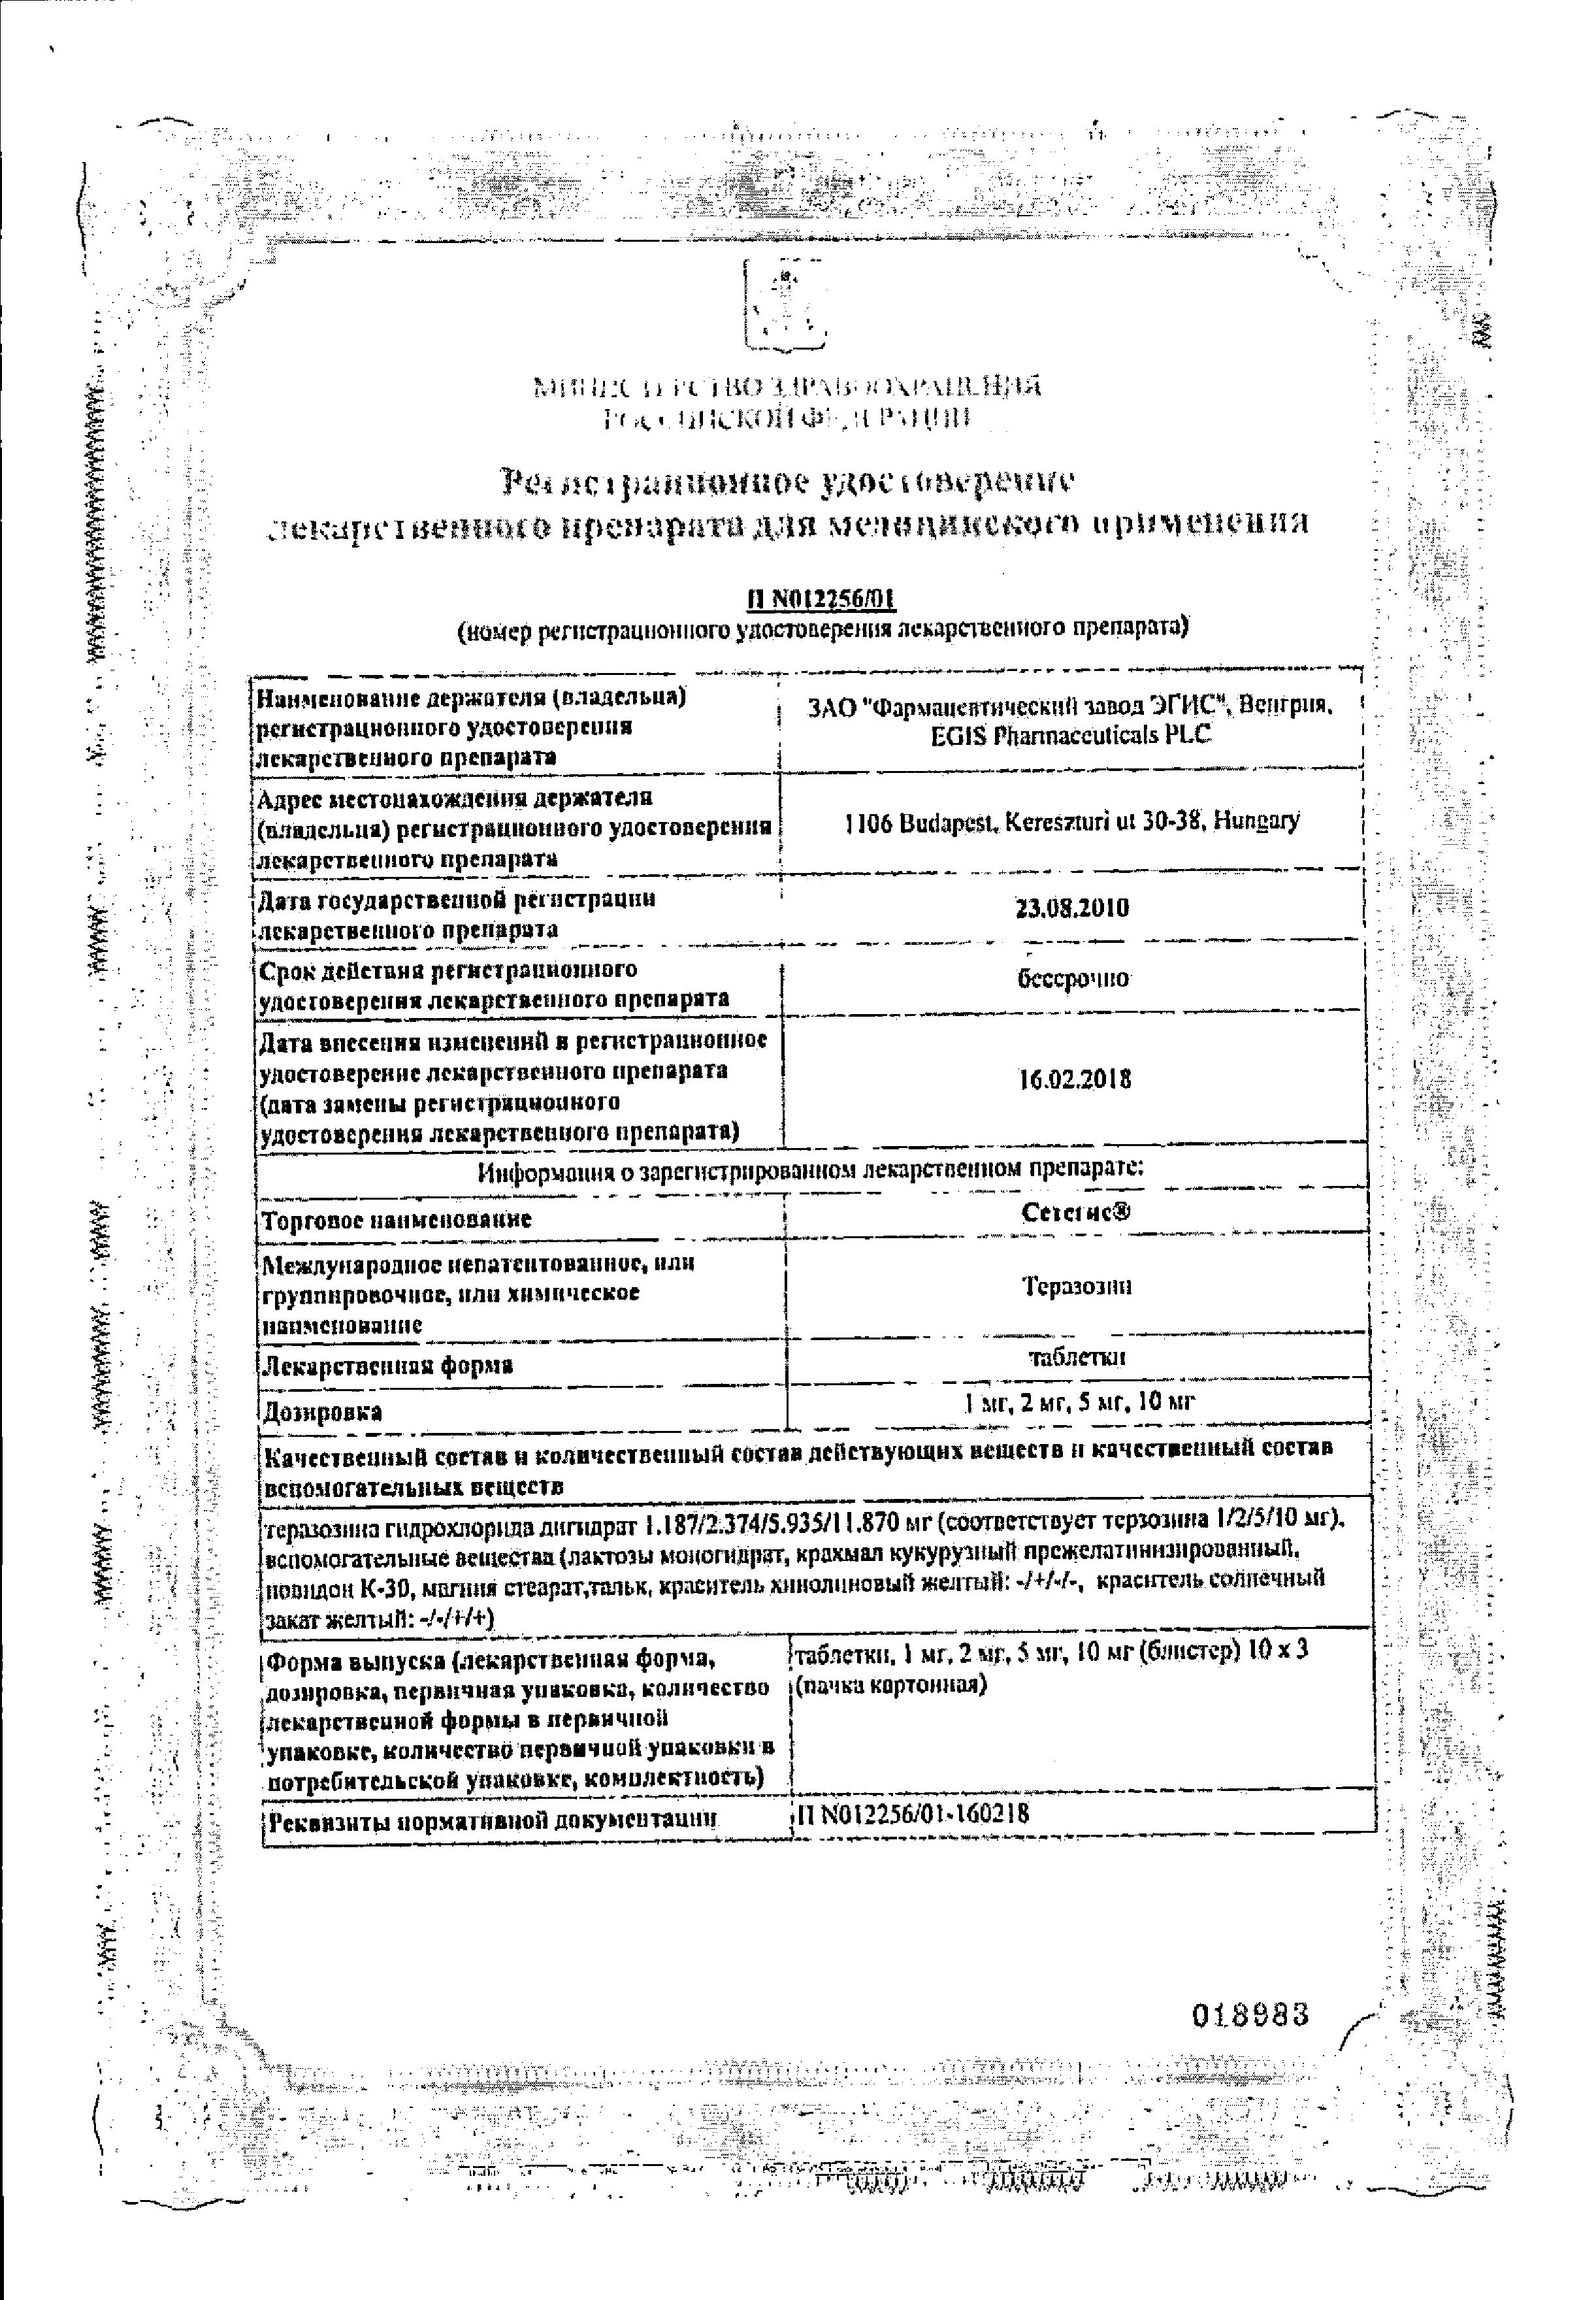 Сетегис сертификат